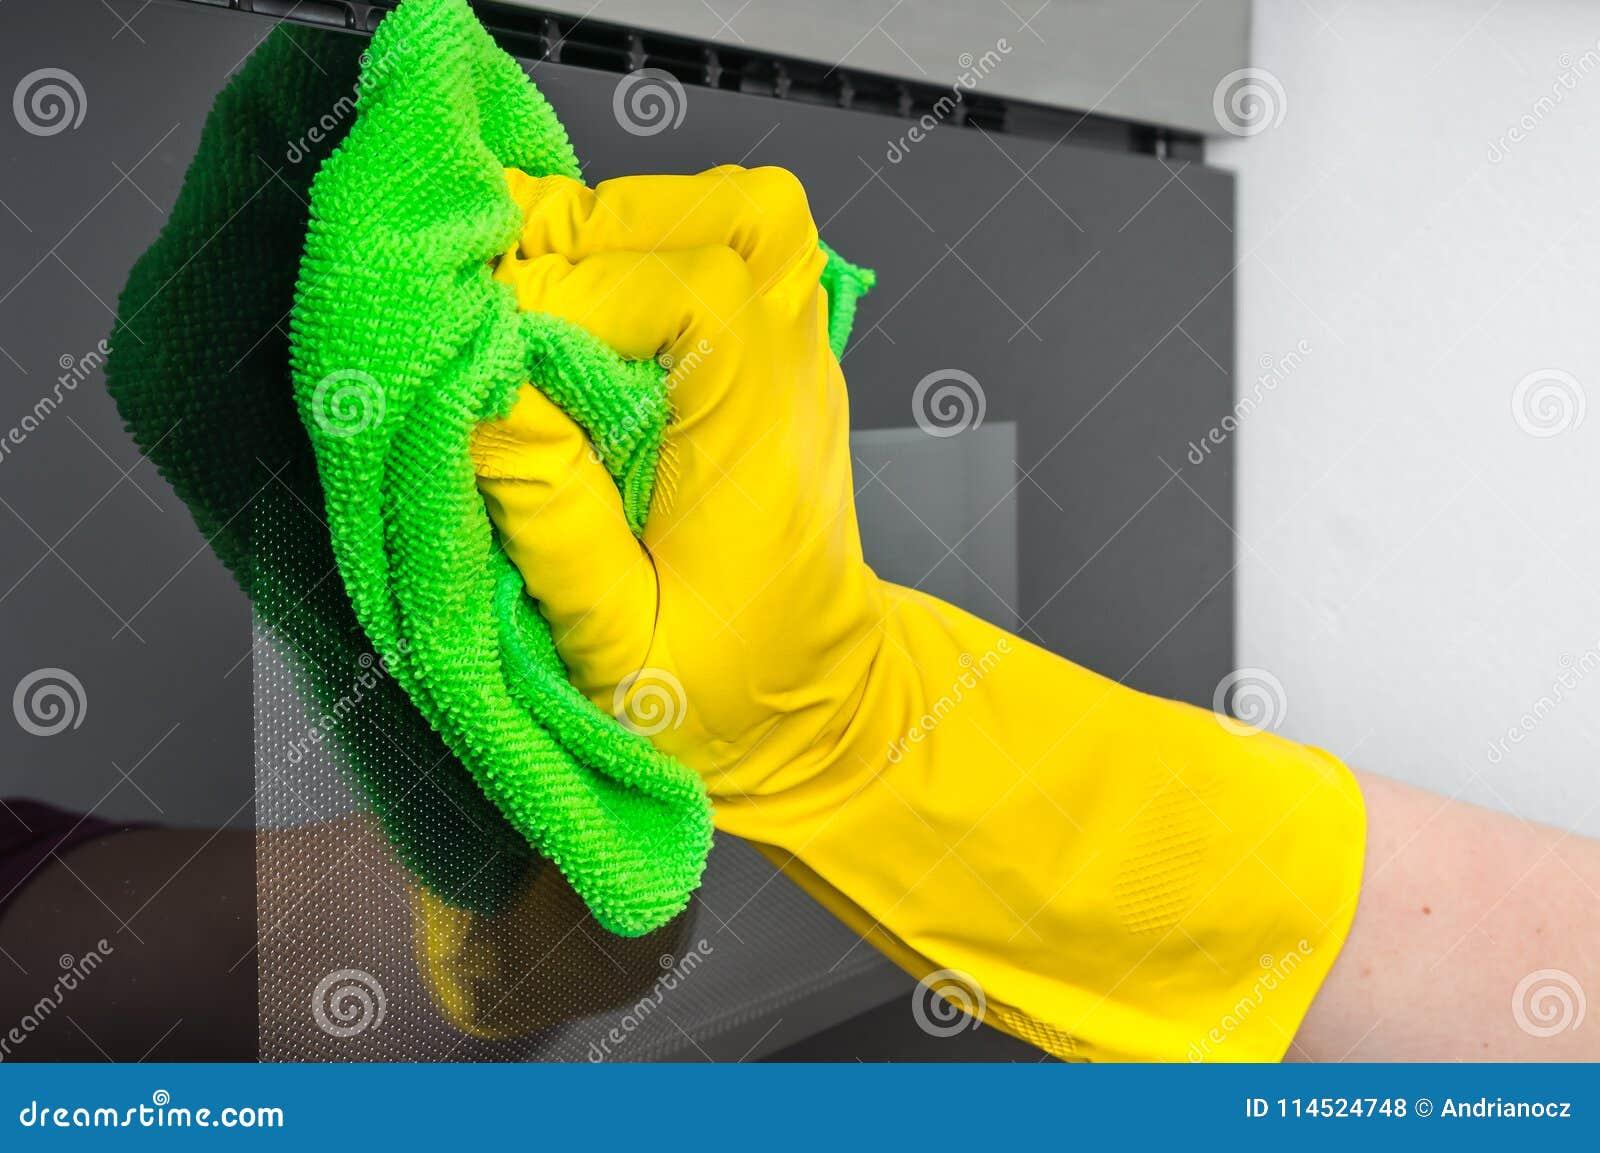 在手套的手与抹微波炉的绿色旧布